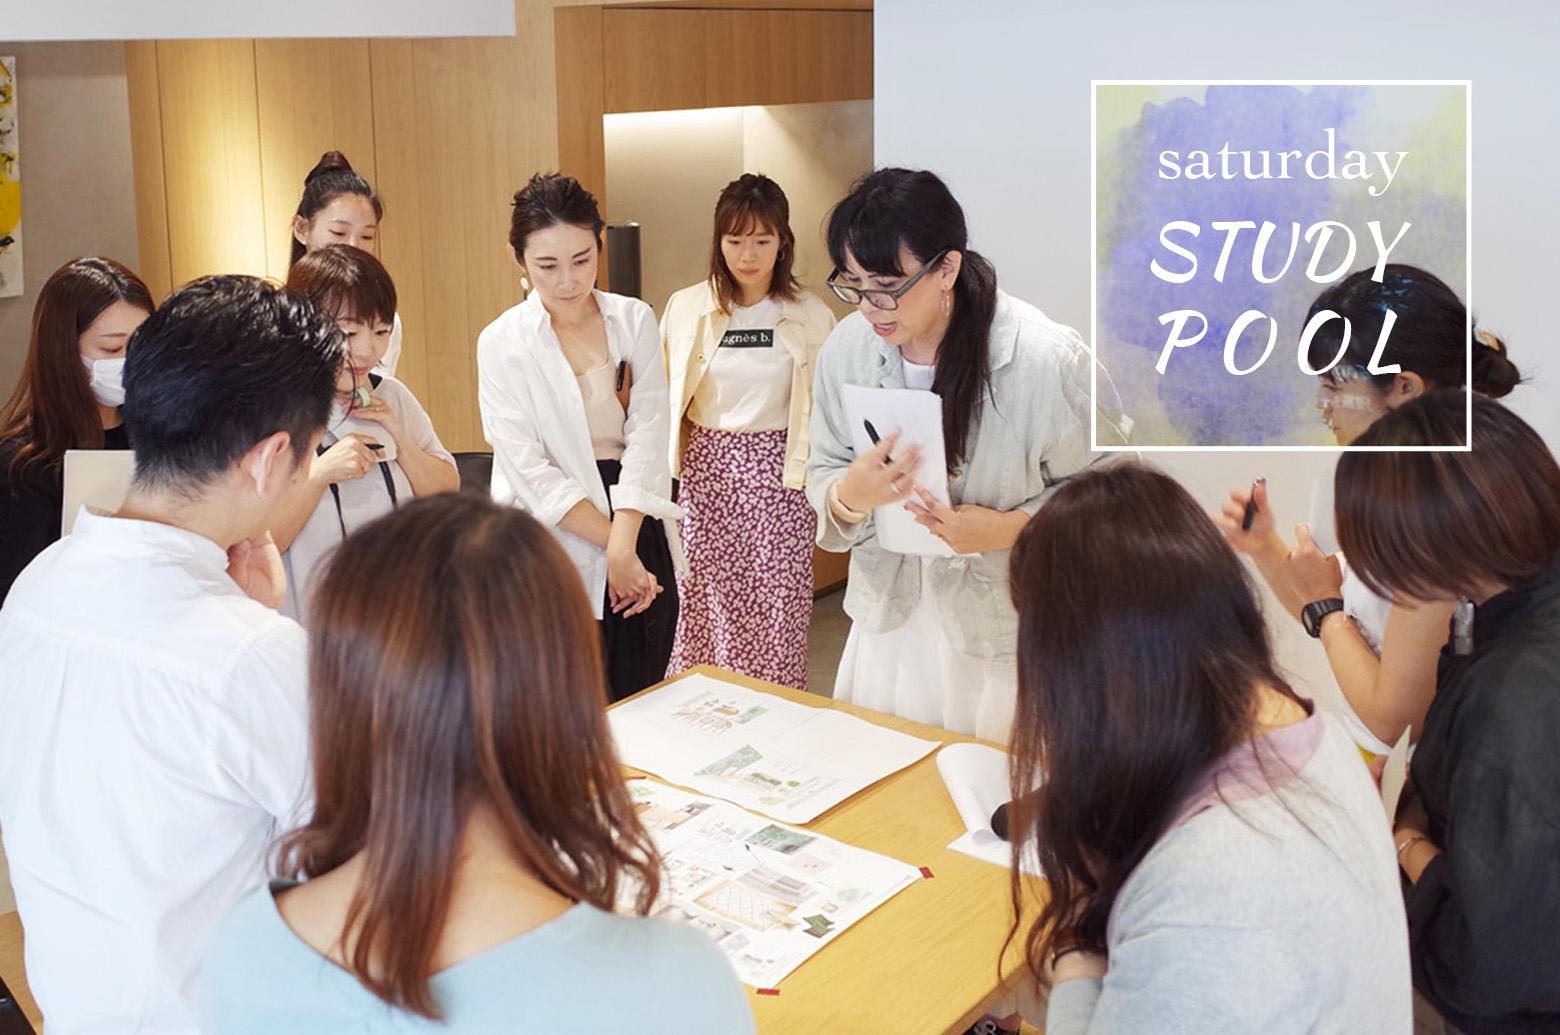 SATURDAY STUDY POOL 〜インテリアに自分らしさを演出する〜